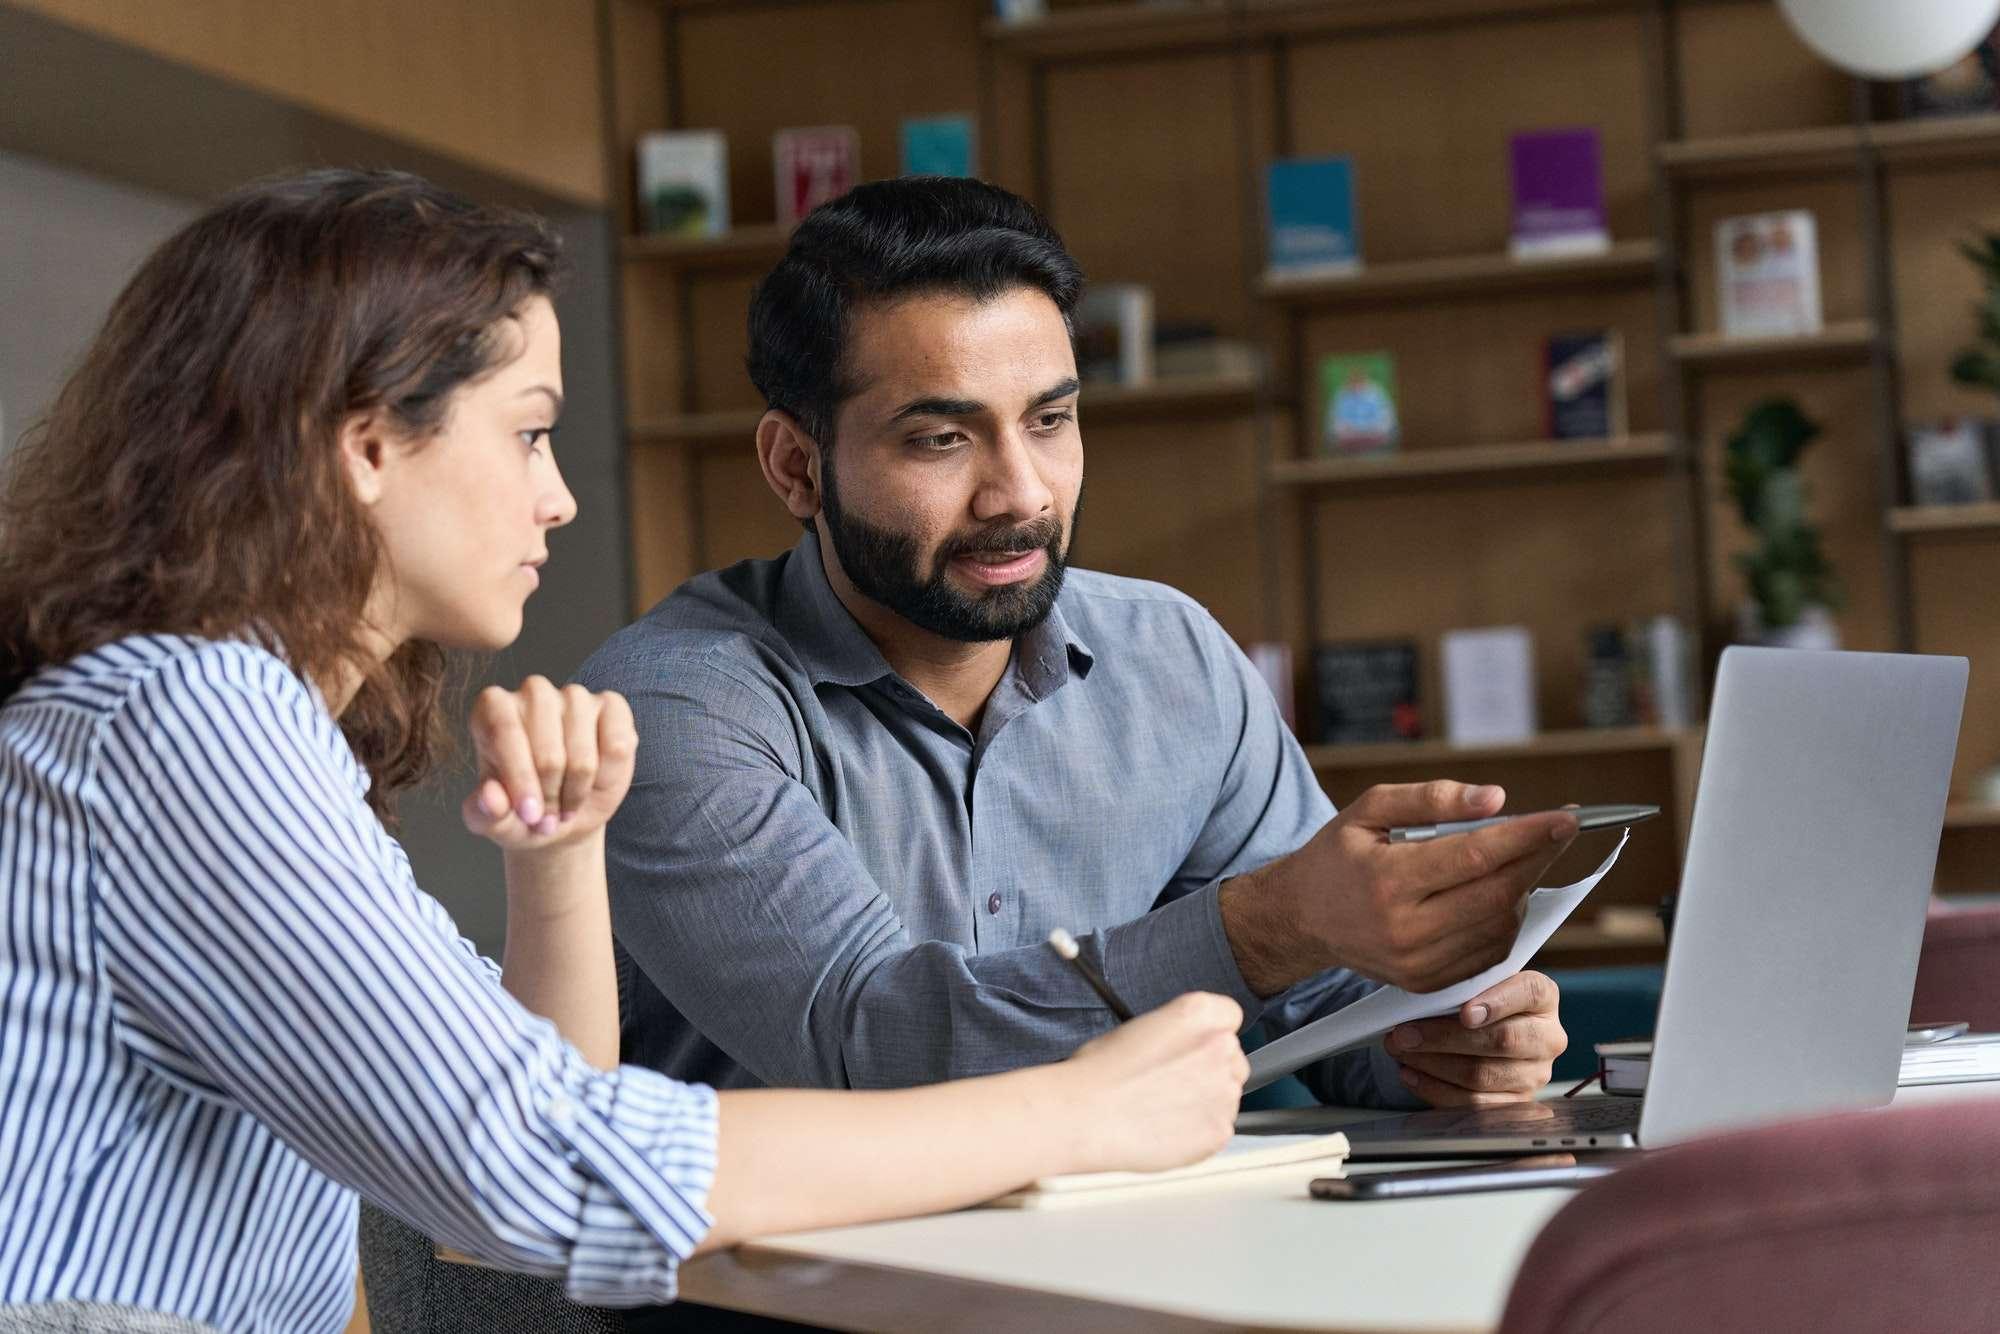 Indian teacher or mentor helping latin student, teaching intern using laptop.